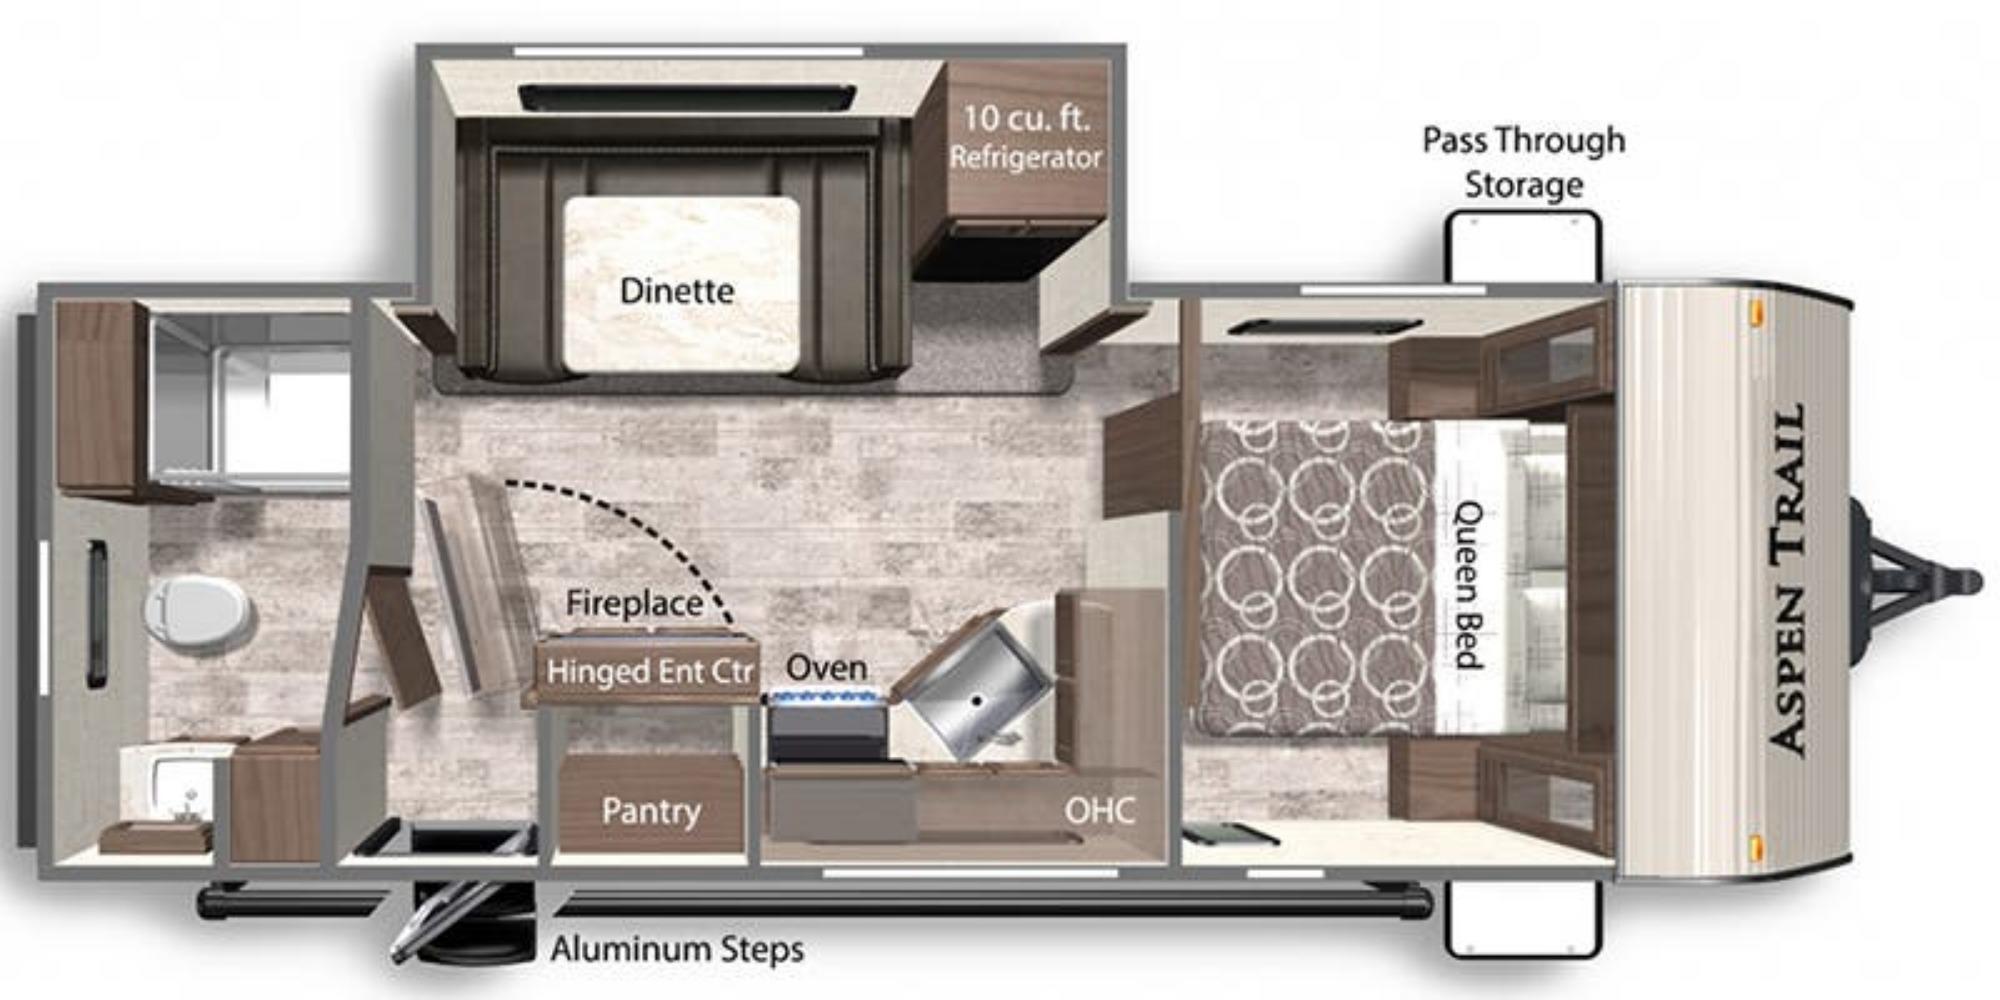 View Floor Plan for 2022 DUTCHMEN ASPEN TRAIL 2260RBS